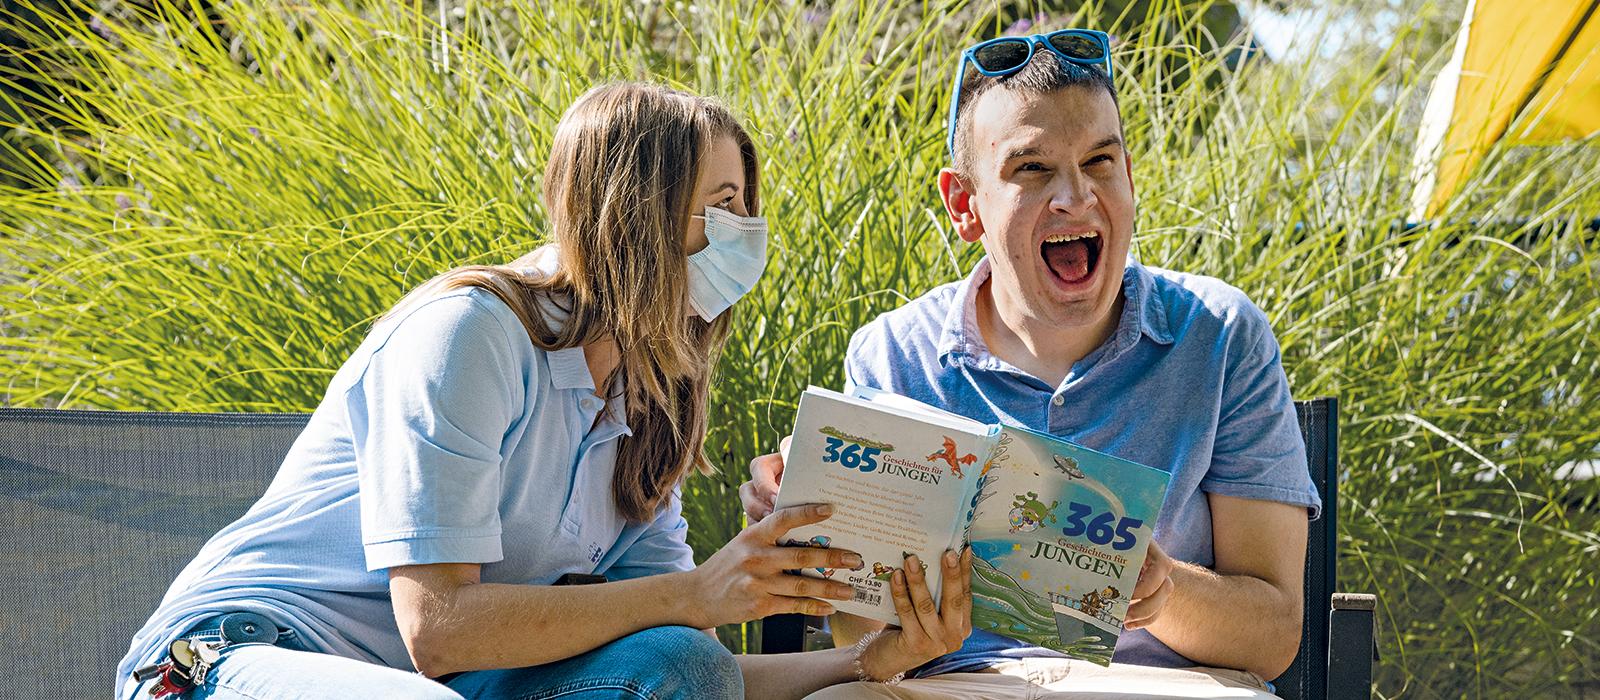 Ein Bewohner und eine Bewohnerin schauen ein Buch an